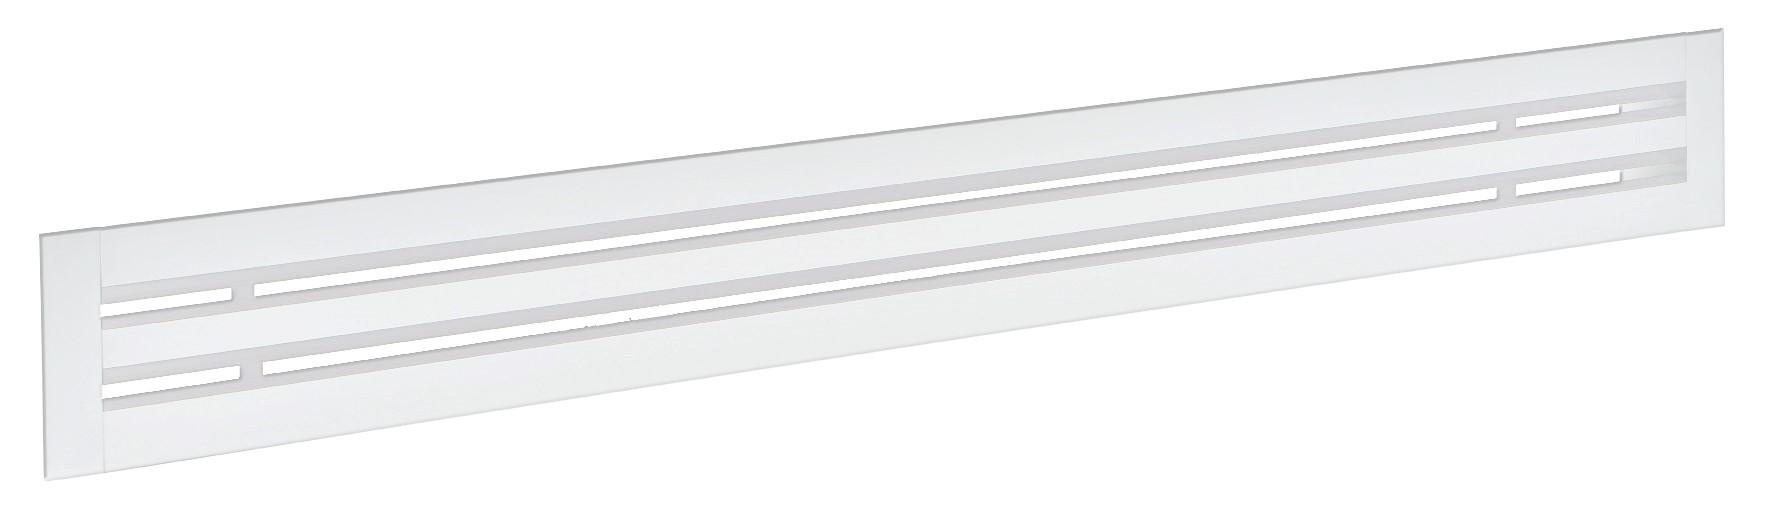 Diffusore lineare a feritoie Ral 9010 modello DLF20 deflettori Ral 9010 2 feritoie L=1500 mm